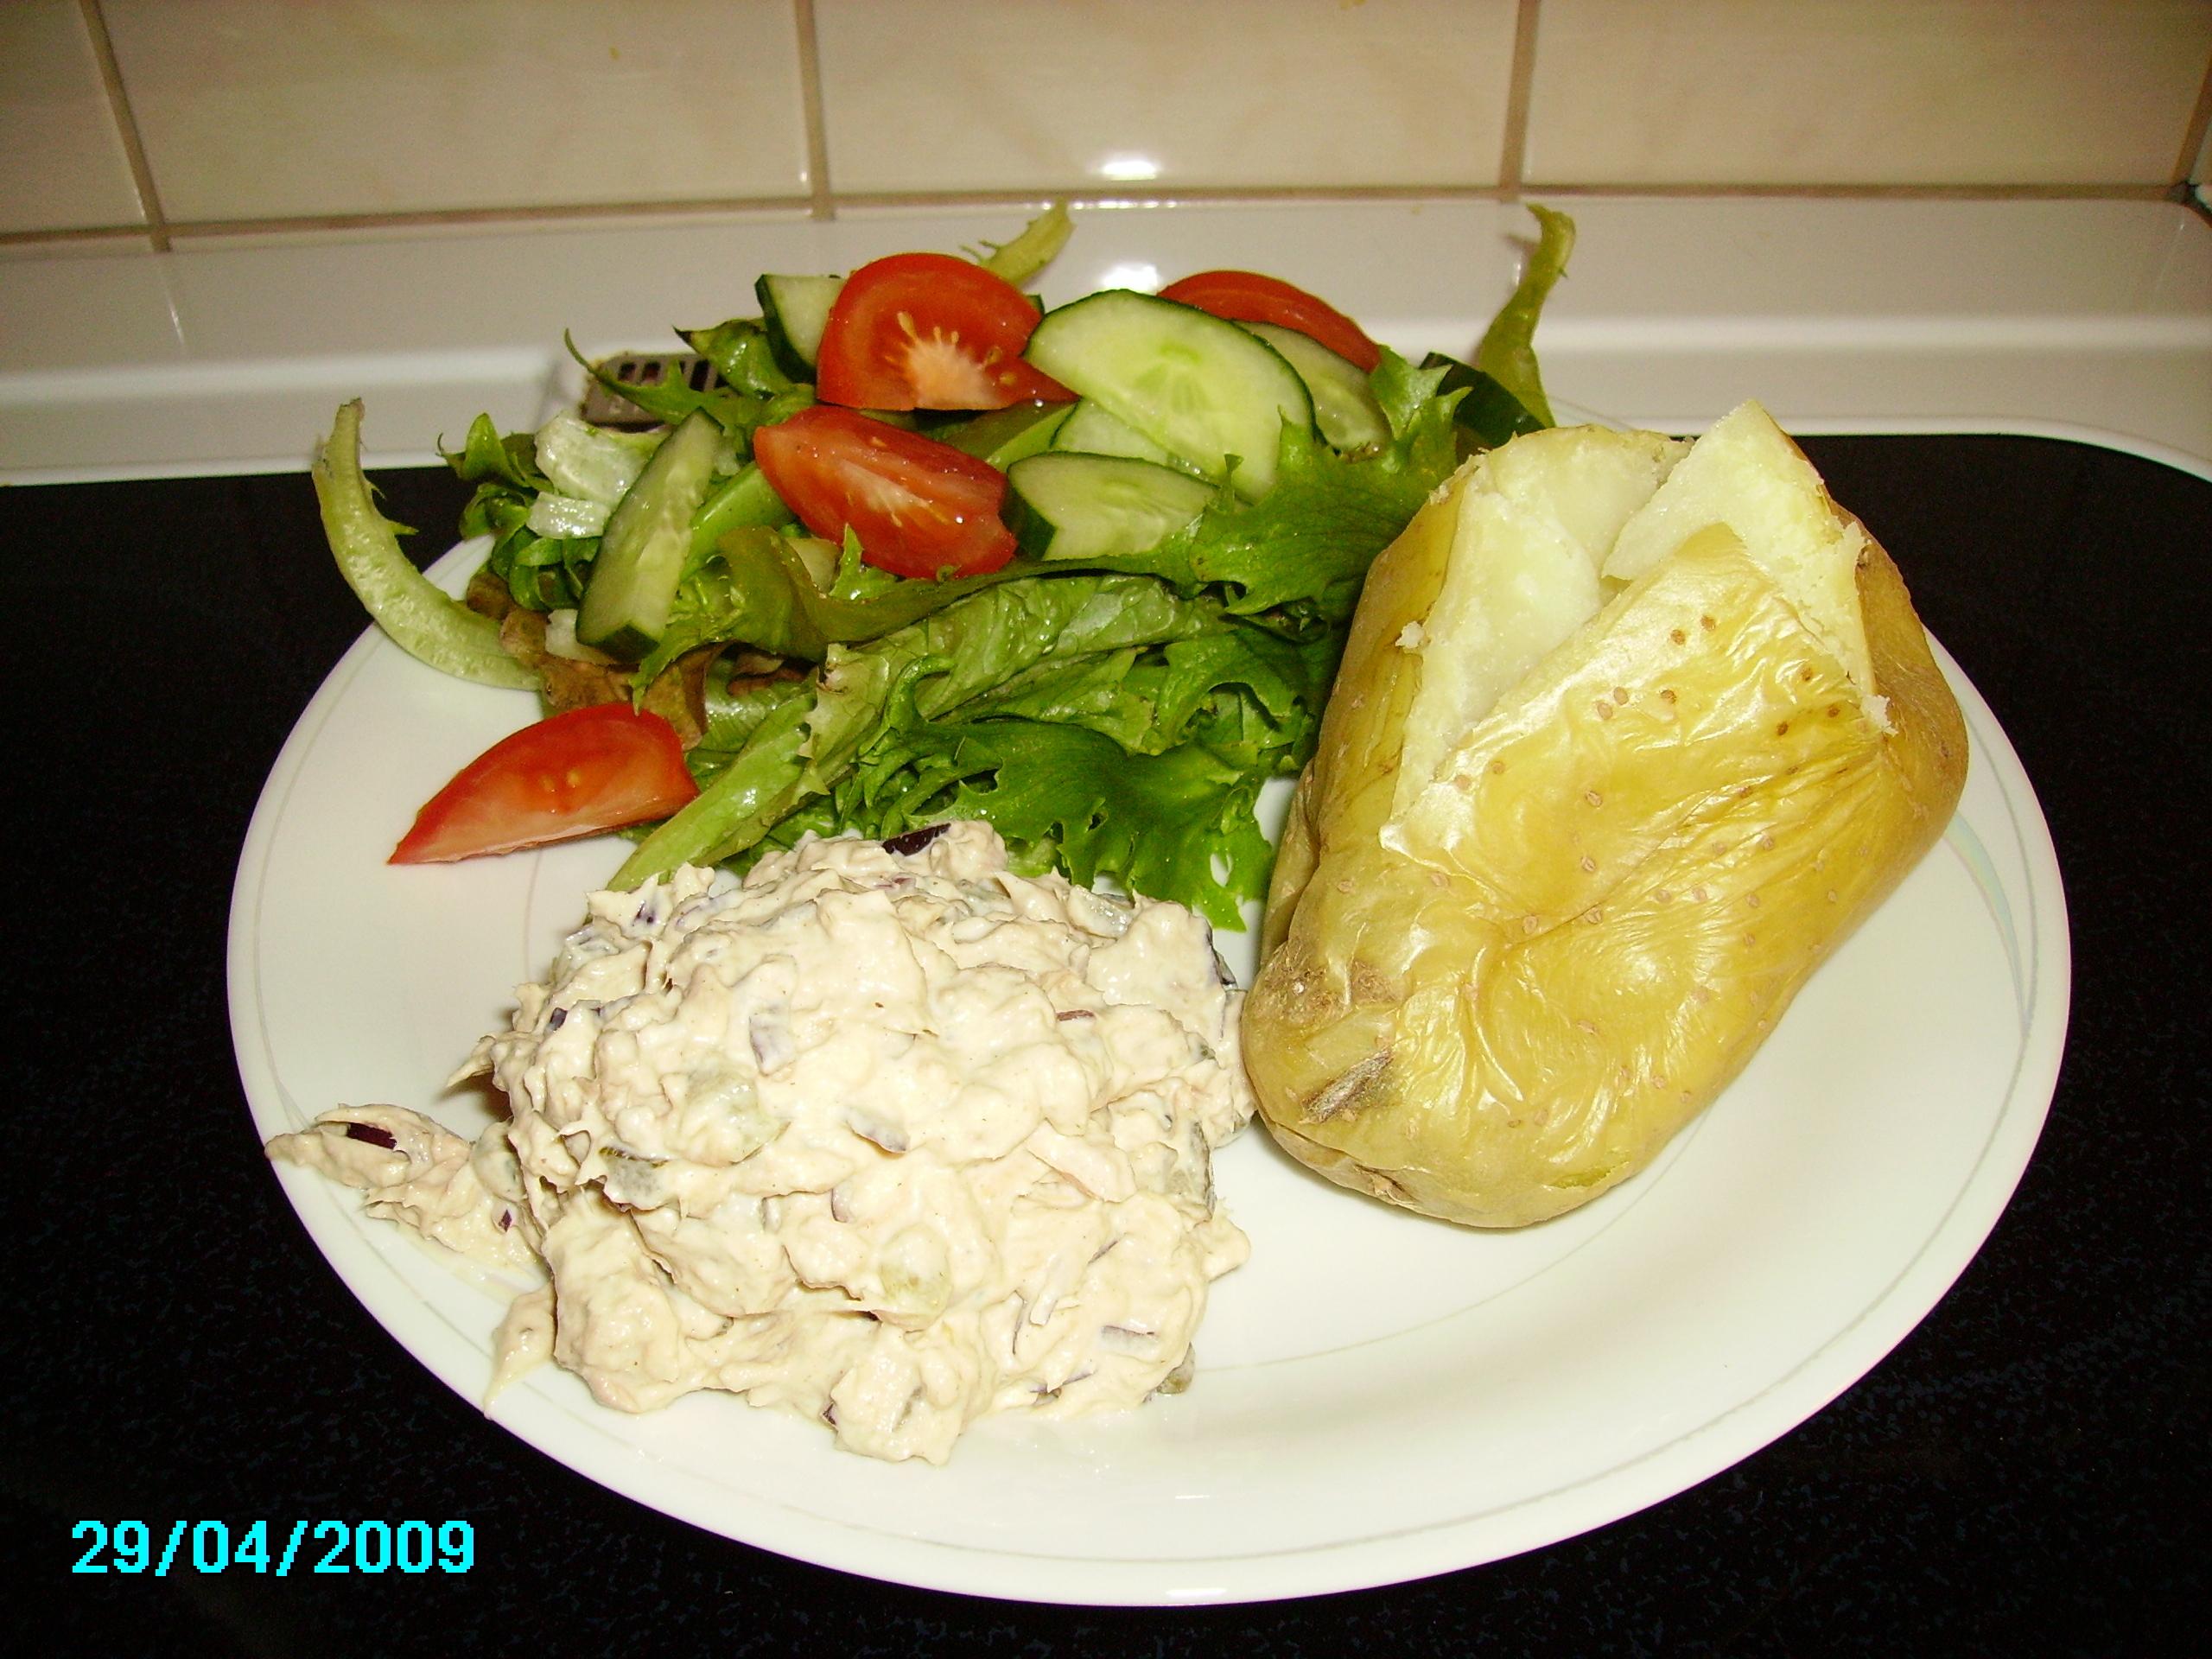 Bakad potatis med tonfiskeröra